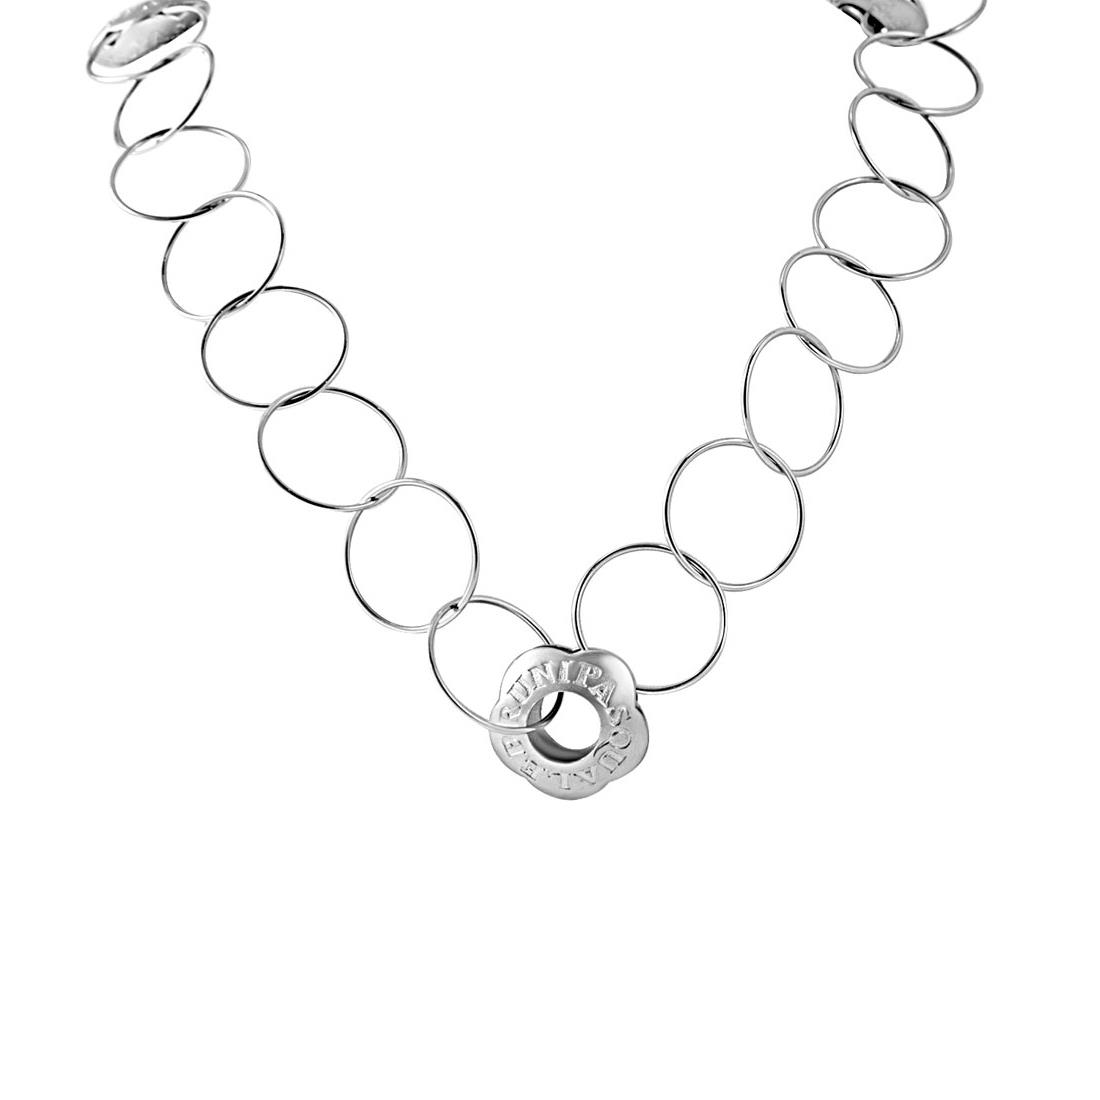 Collana in oro bianco con simboli tra catene  - PASQUALE BRUNI